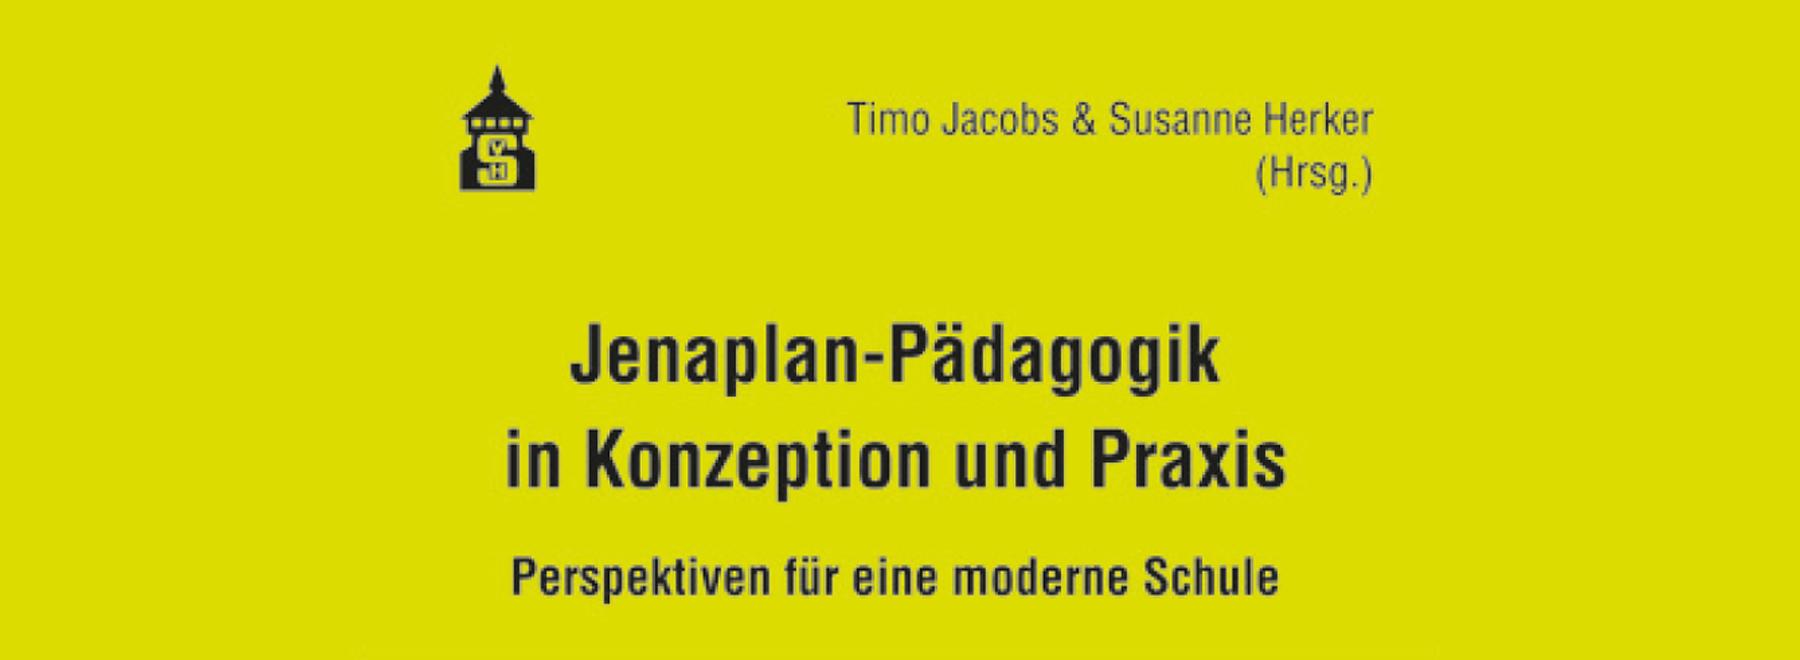 Jacobs, Timo & Herker, Susanne (Hrsg.) (2018): Jenaplan-Pädagogik in Konzeption und Praxis – aktuelle Perspektiven für eine moderne Schule. Ein Werkbuch. Schneider Verlag Hohengehren.